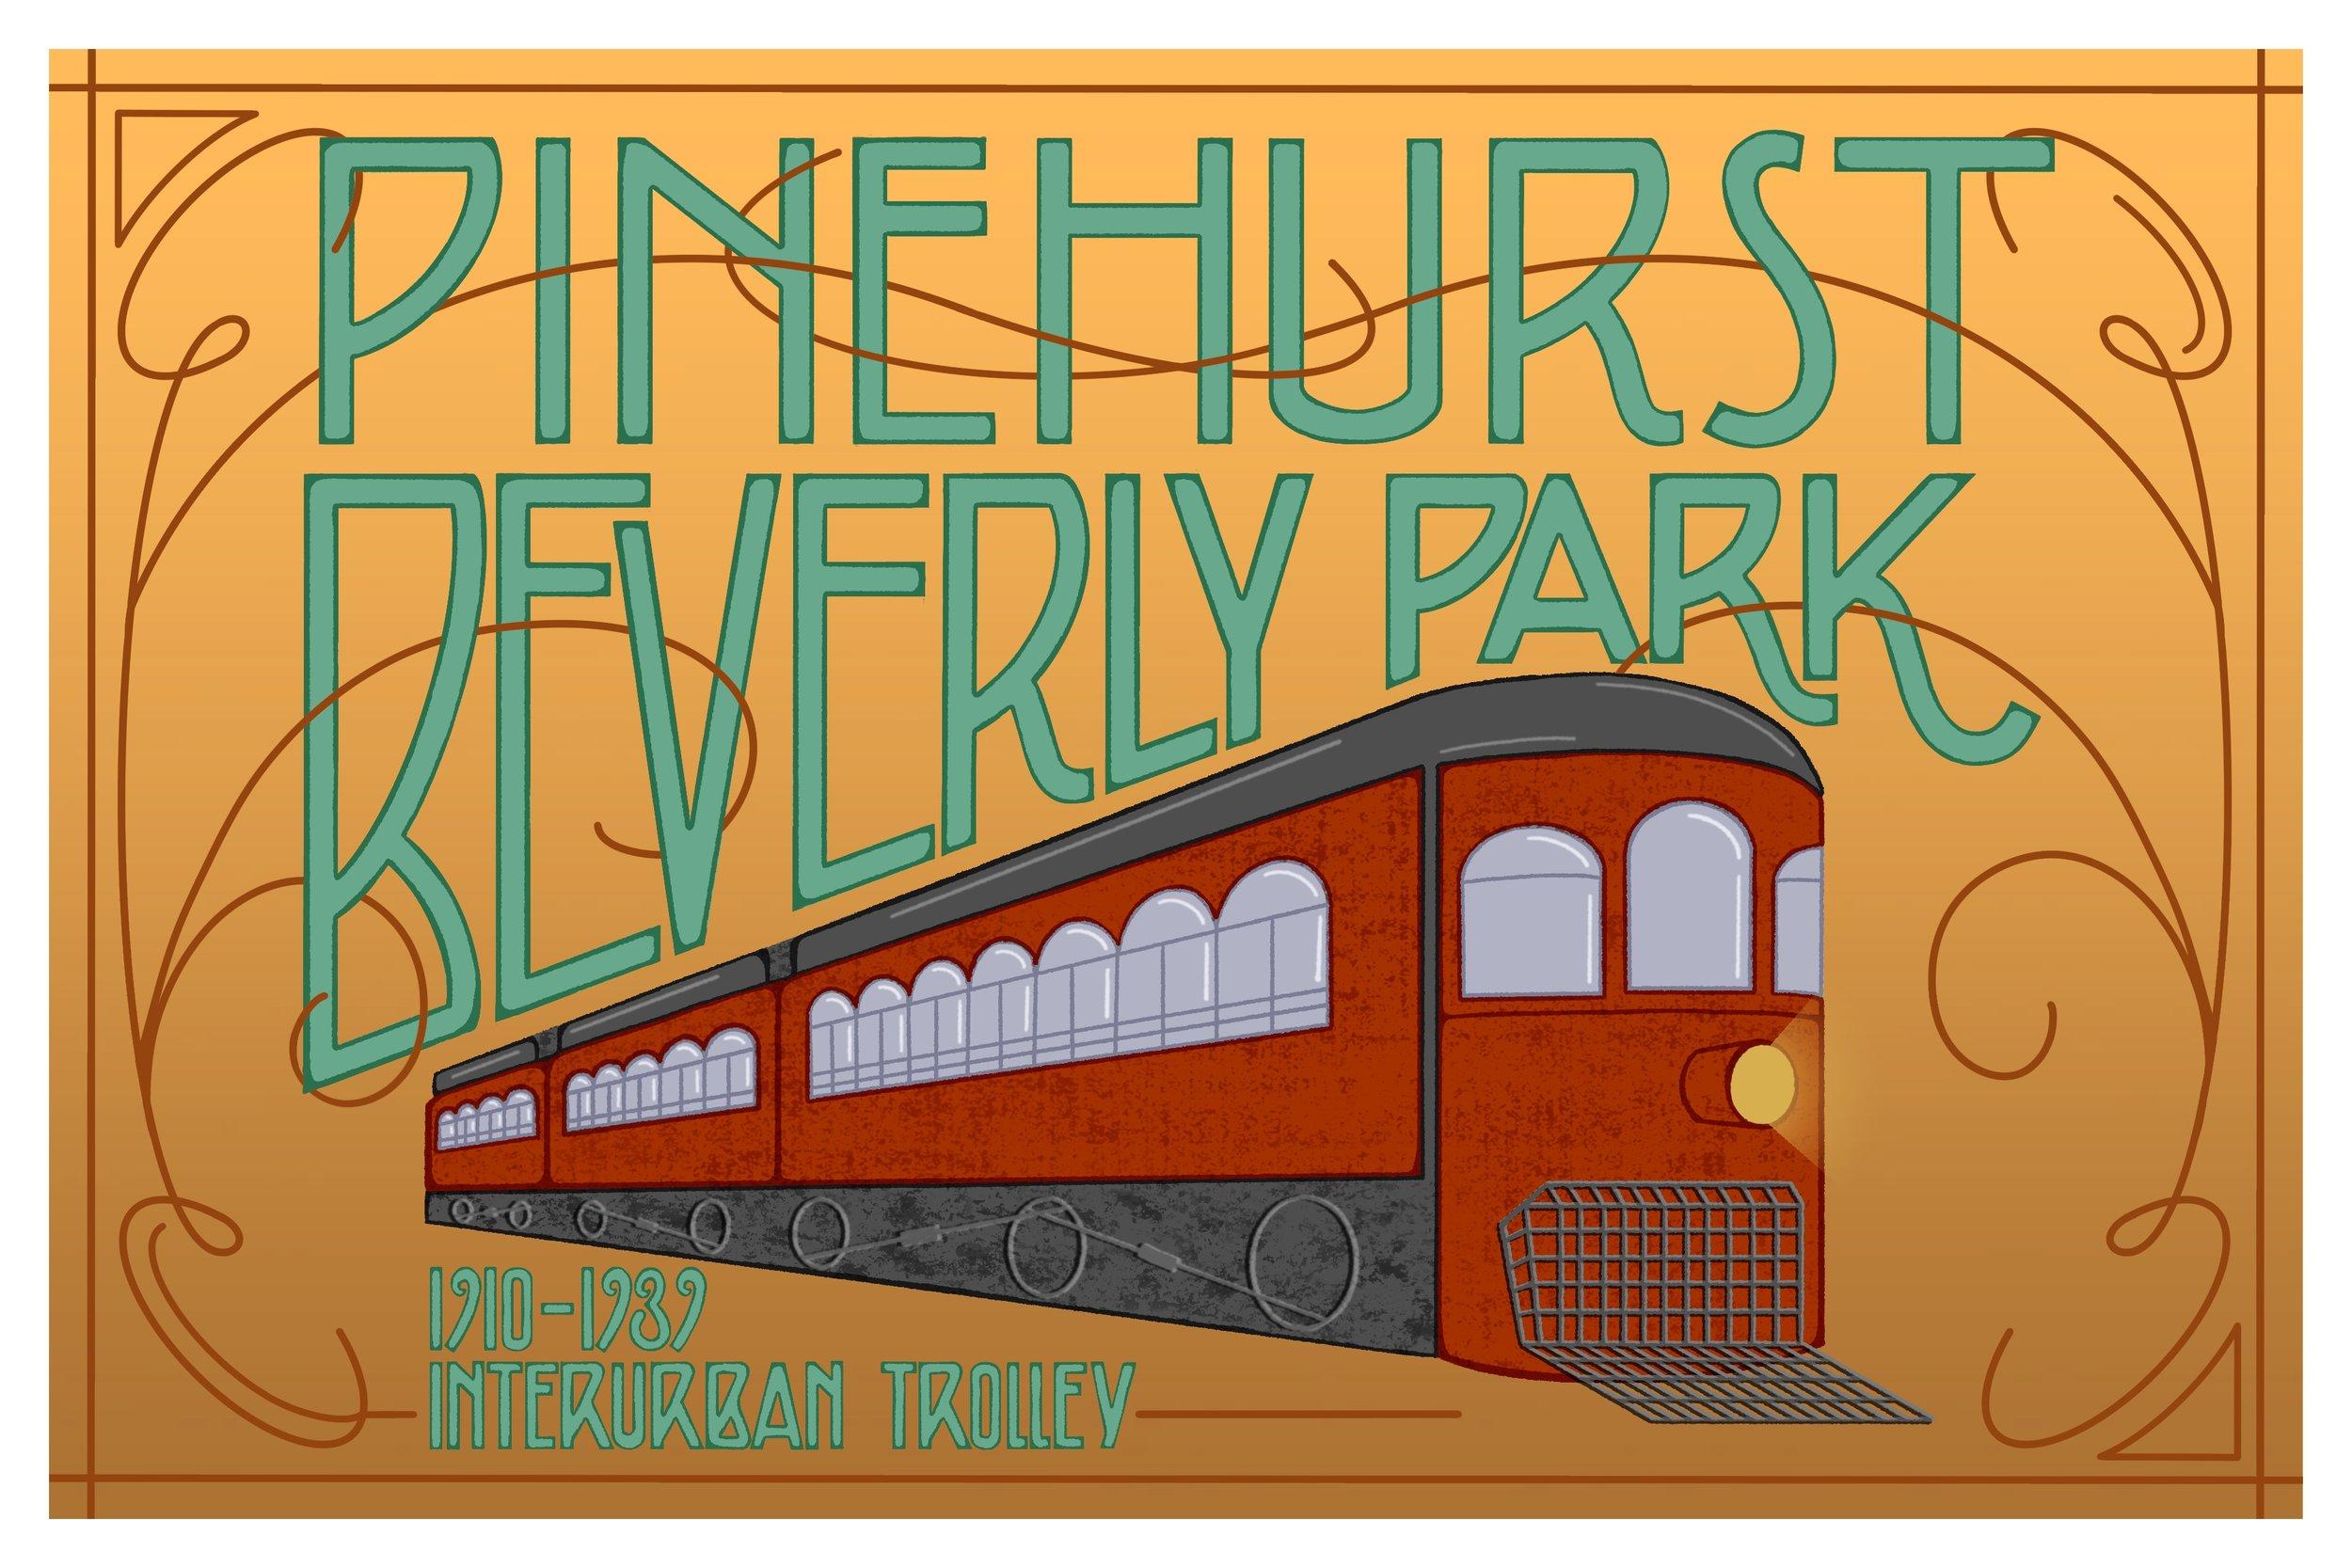 Pinehurst_Beverly_Park_Final.jpg